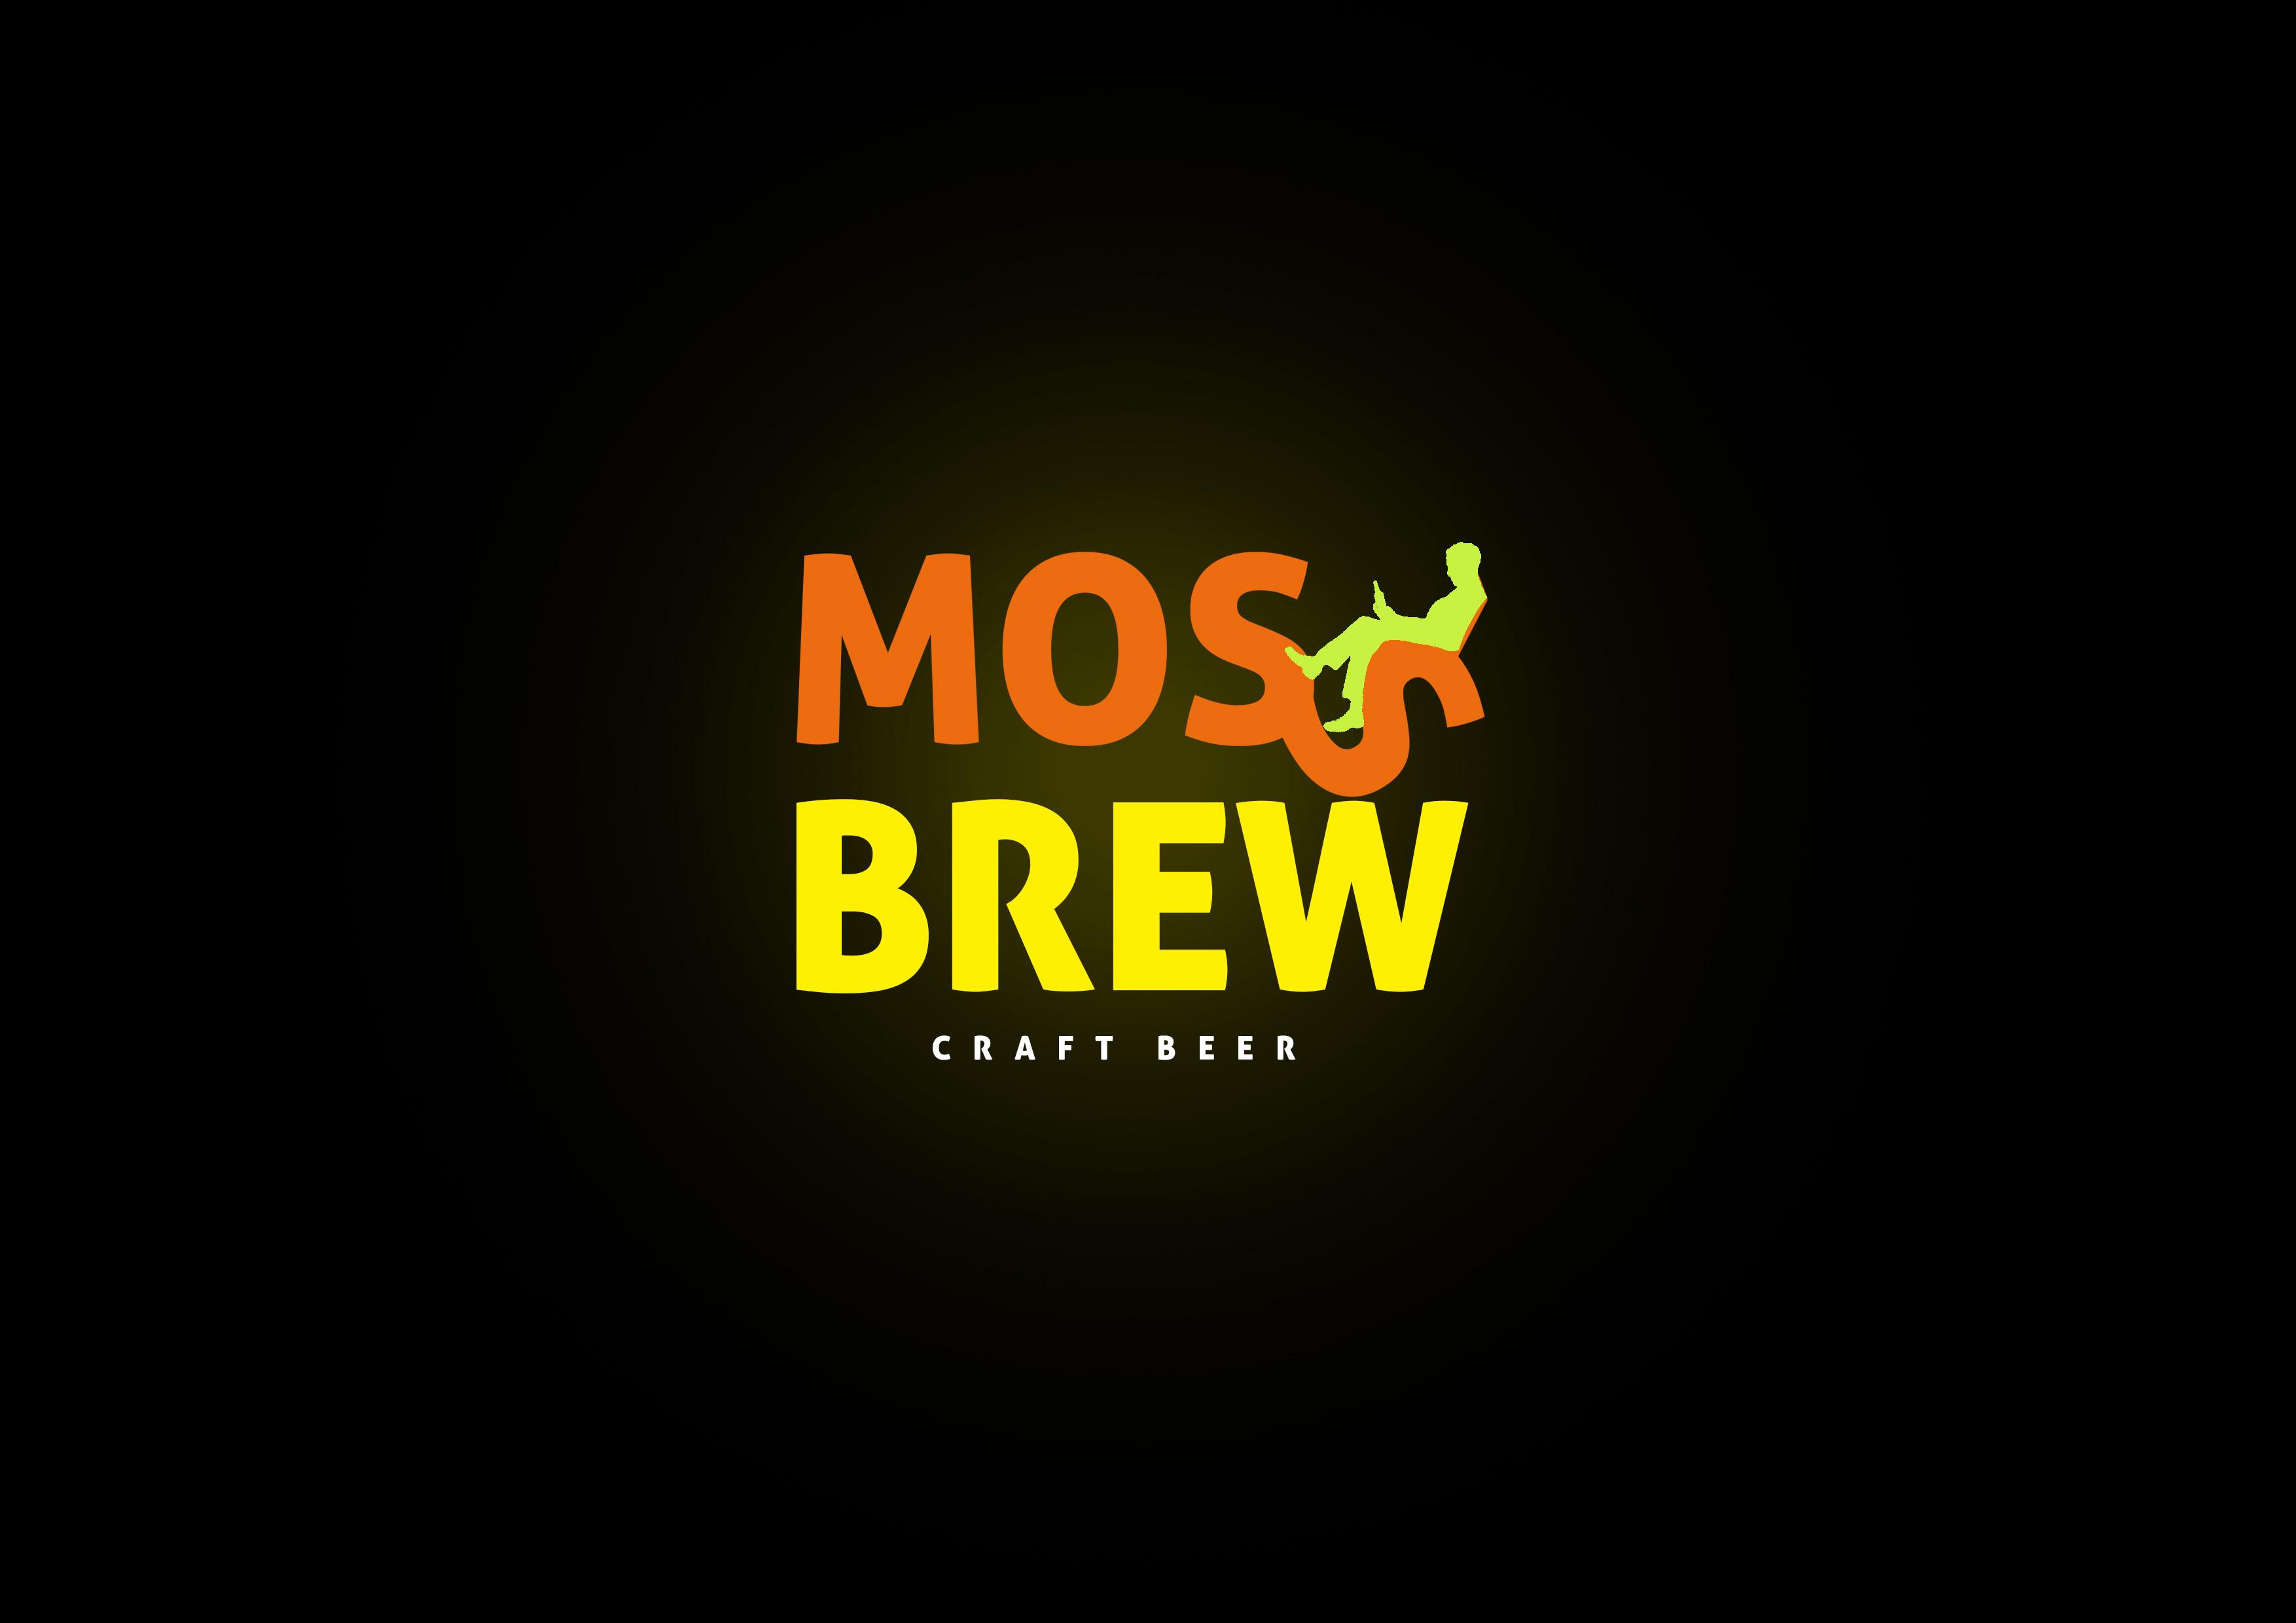 Логотип для пивоварни фото f_694598ae00045c27.jpg